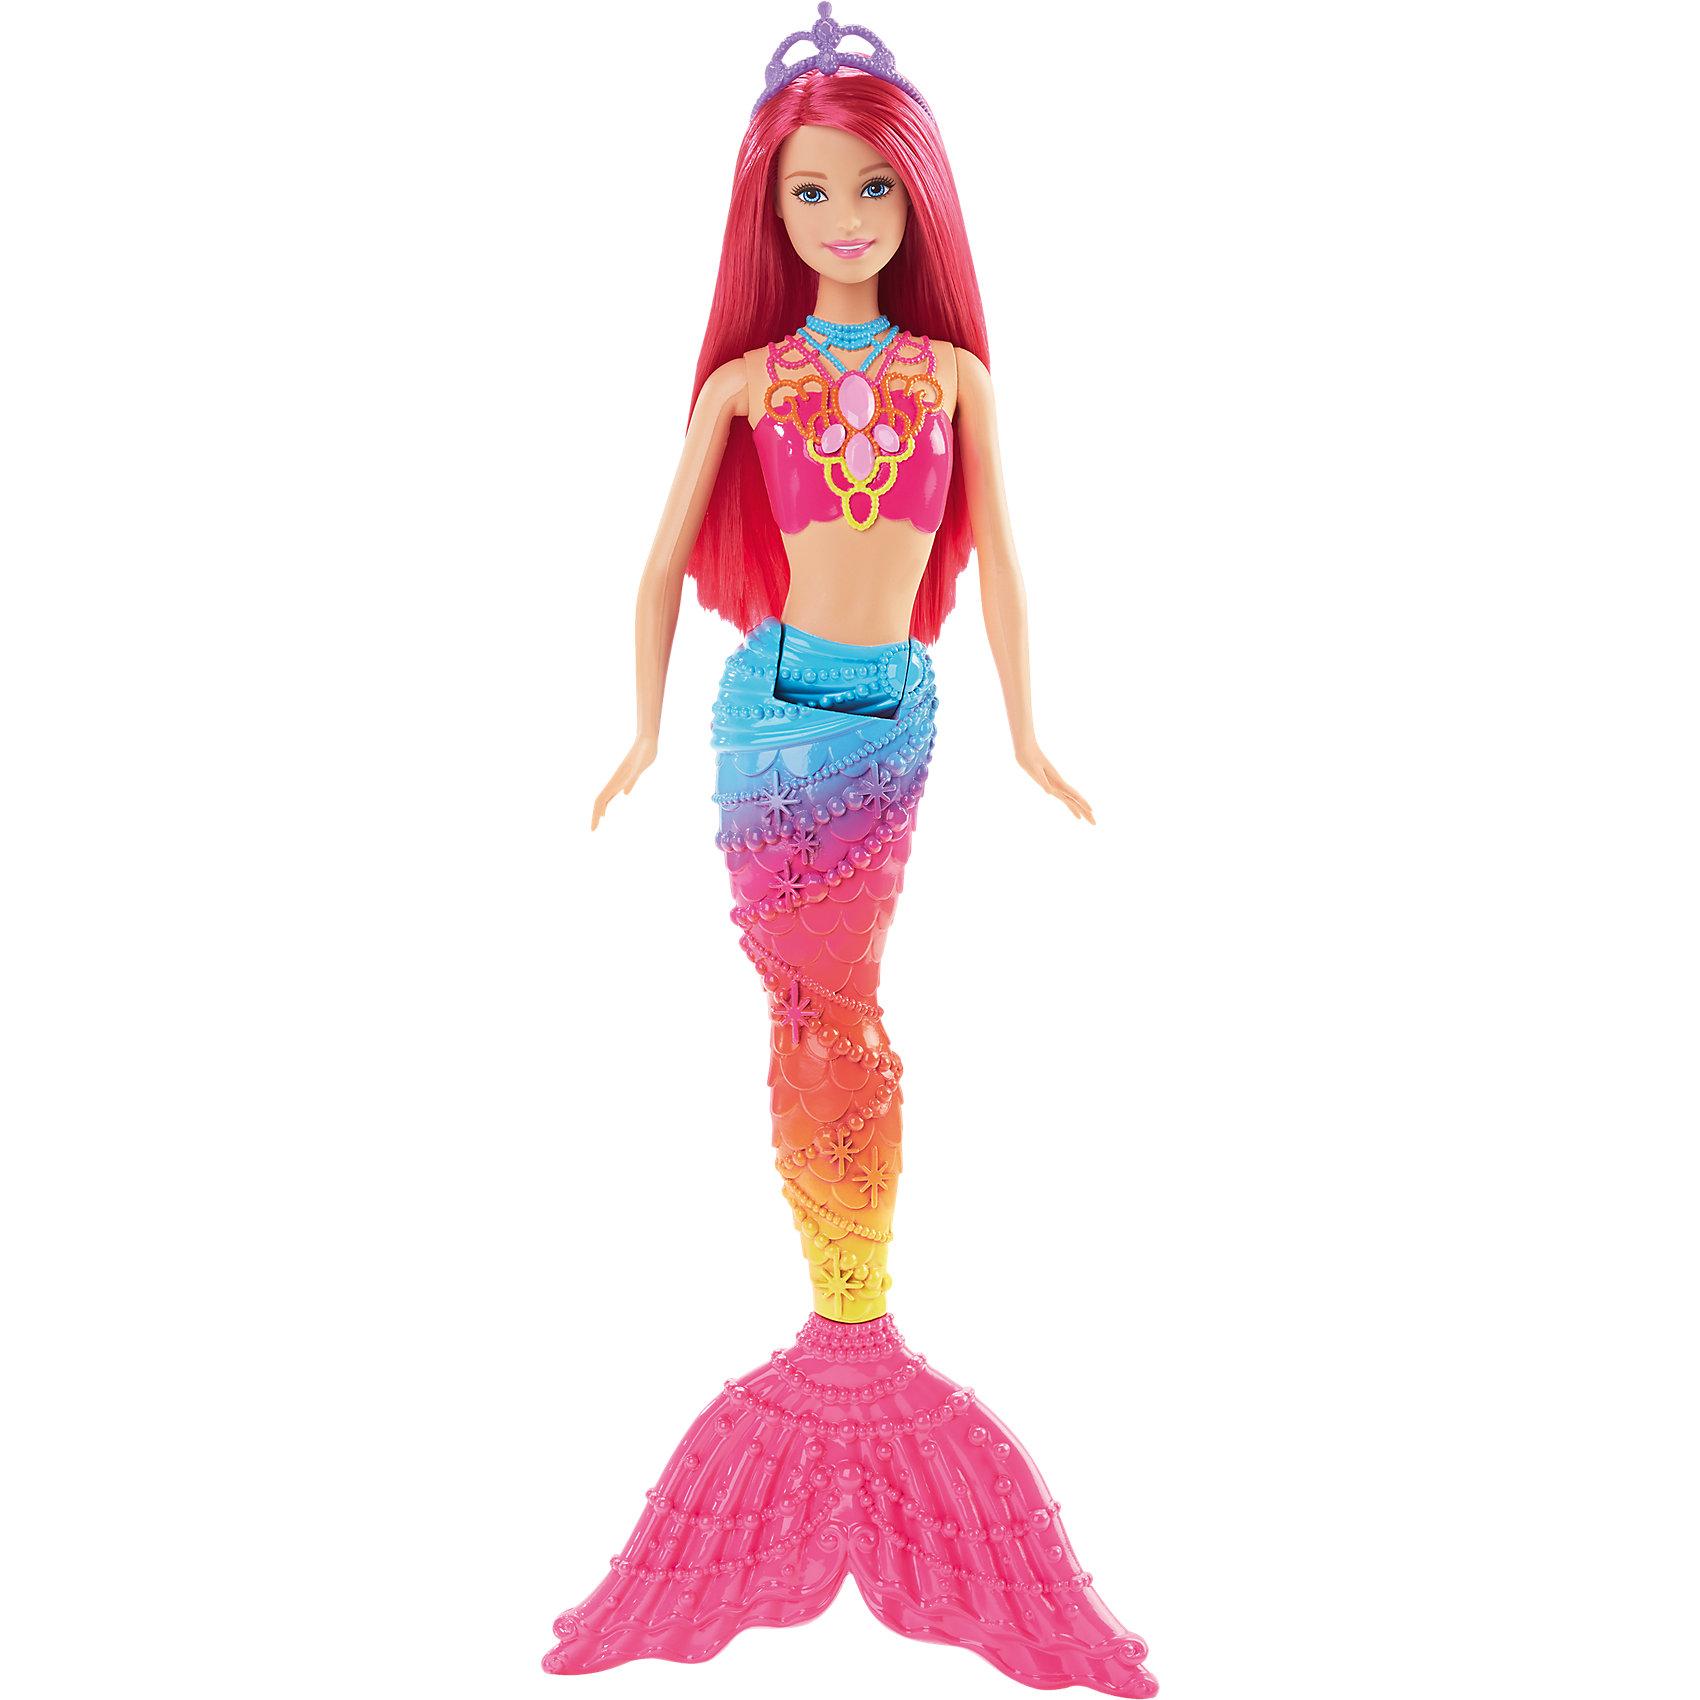 Кукла Rainbow Радужная русалочка, BarbieBarbie<br>Кукла Rainbow из серии Радужная русалочка похожа на настоящую русалку, вышедшую из моря. Длинные яркие волосы можно уложить в красивую прическу, украшенную диадемой. Кукла одета в розовый топ, хвостик радужной расцветки. Руки и хвостик подвижные, что поможет принять русалке нужную позу для сюжетно-ролевых игр. Девочка с удовольствием поиграет с подружками с этой куклой!<br><br>Дополнительная информация:<br>Материал: пластик<br>Высота куклы: 34,5 см<br>Вес: 215 грамм<br>Куклу Rainbow, Barbie можно купить в нашем интернет-магазине.<br><br>Ширина мм: 323<br>Глубина мм: 114<br>Высота мм: 45<br>Вес г: 203<br>Возраст от месяцев: 36<br>Возраст до месяцев: 72<br>Пол: Женский<br>Возраст: Детский<br>SKU: 4349930